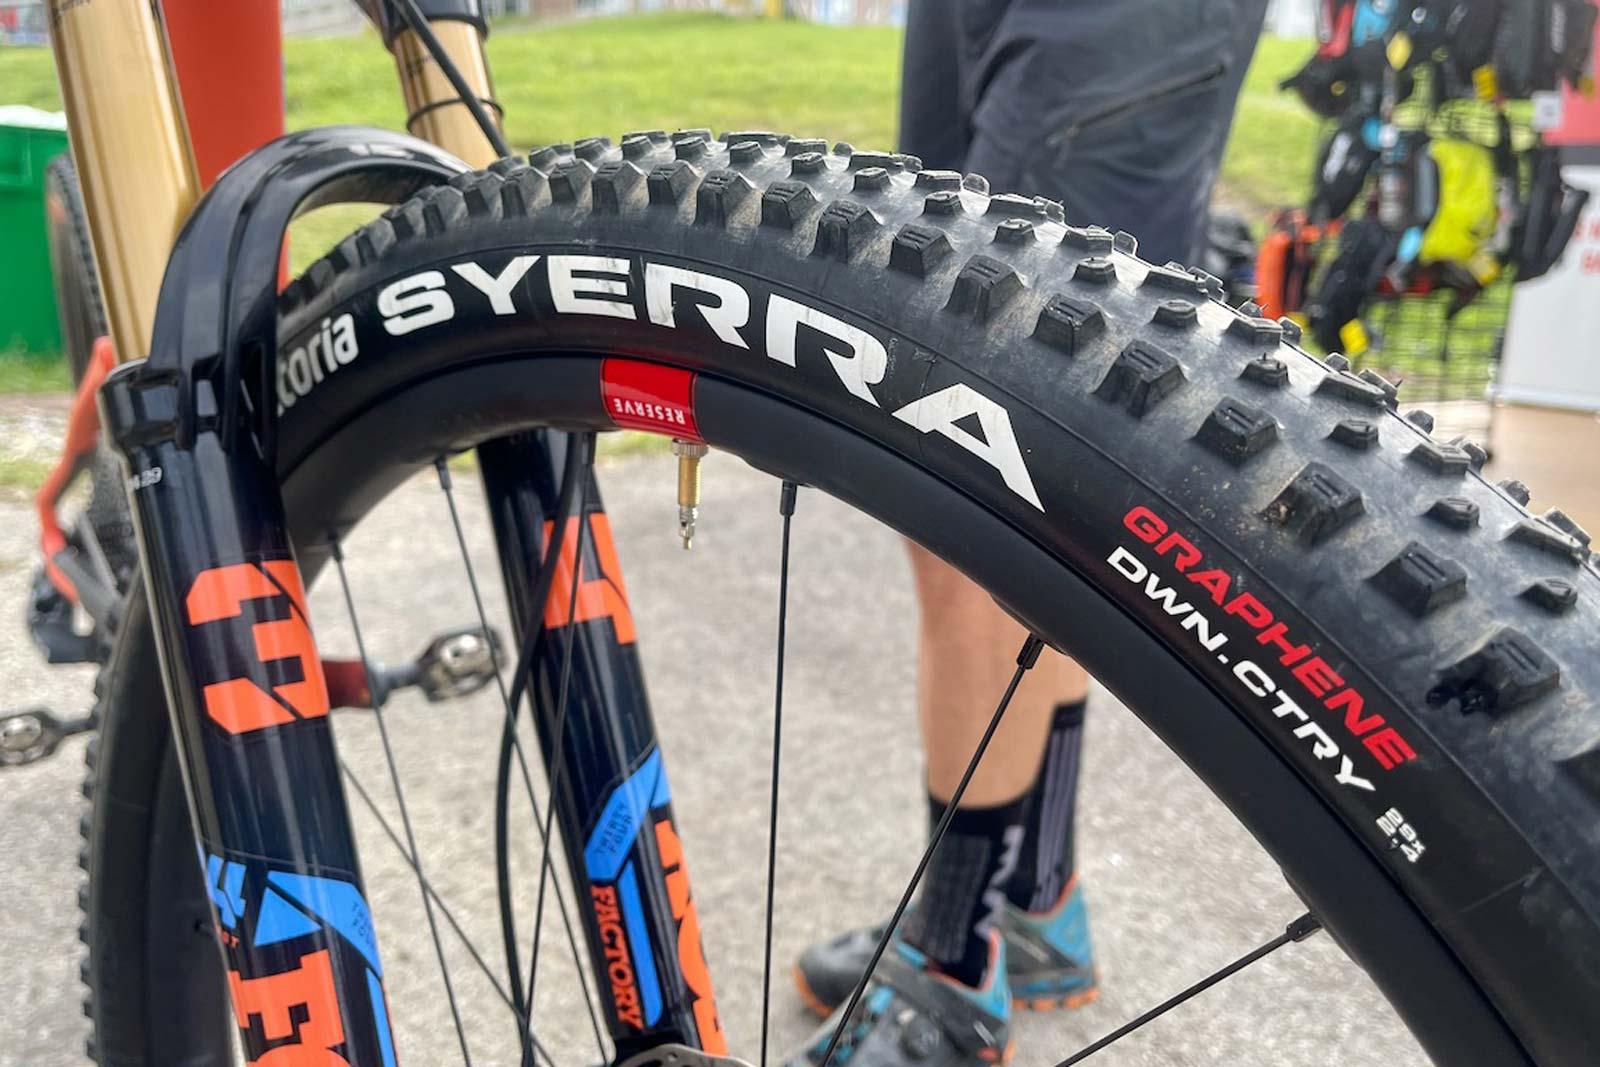 विटोरिया सेरा डोनकंट्री माउंटेन बाइक टायर